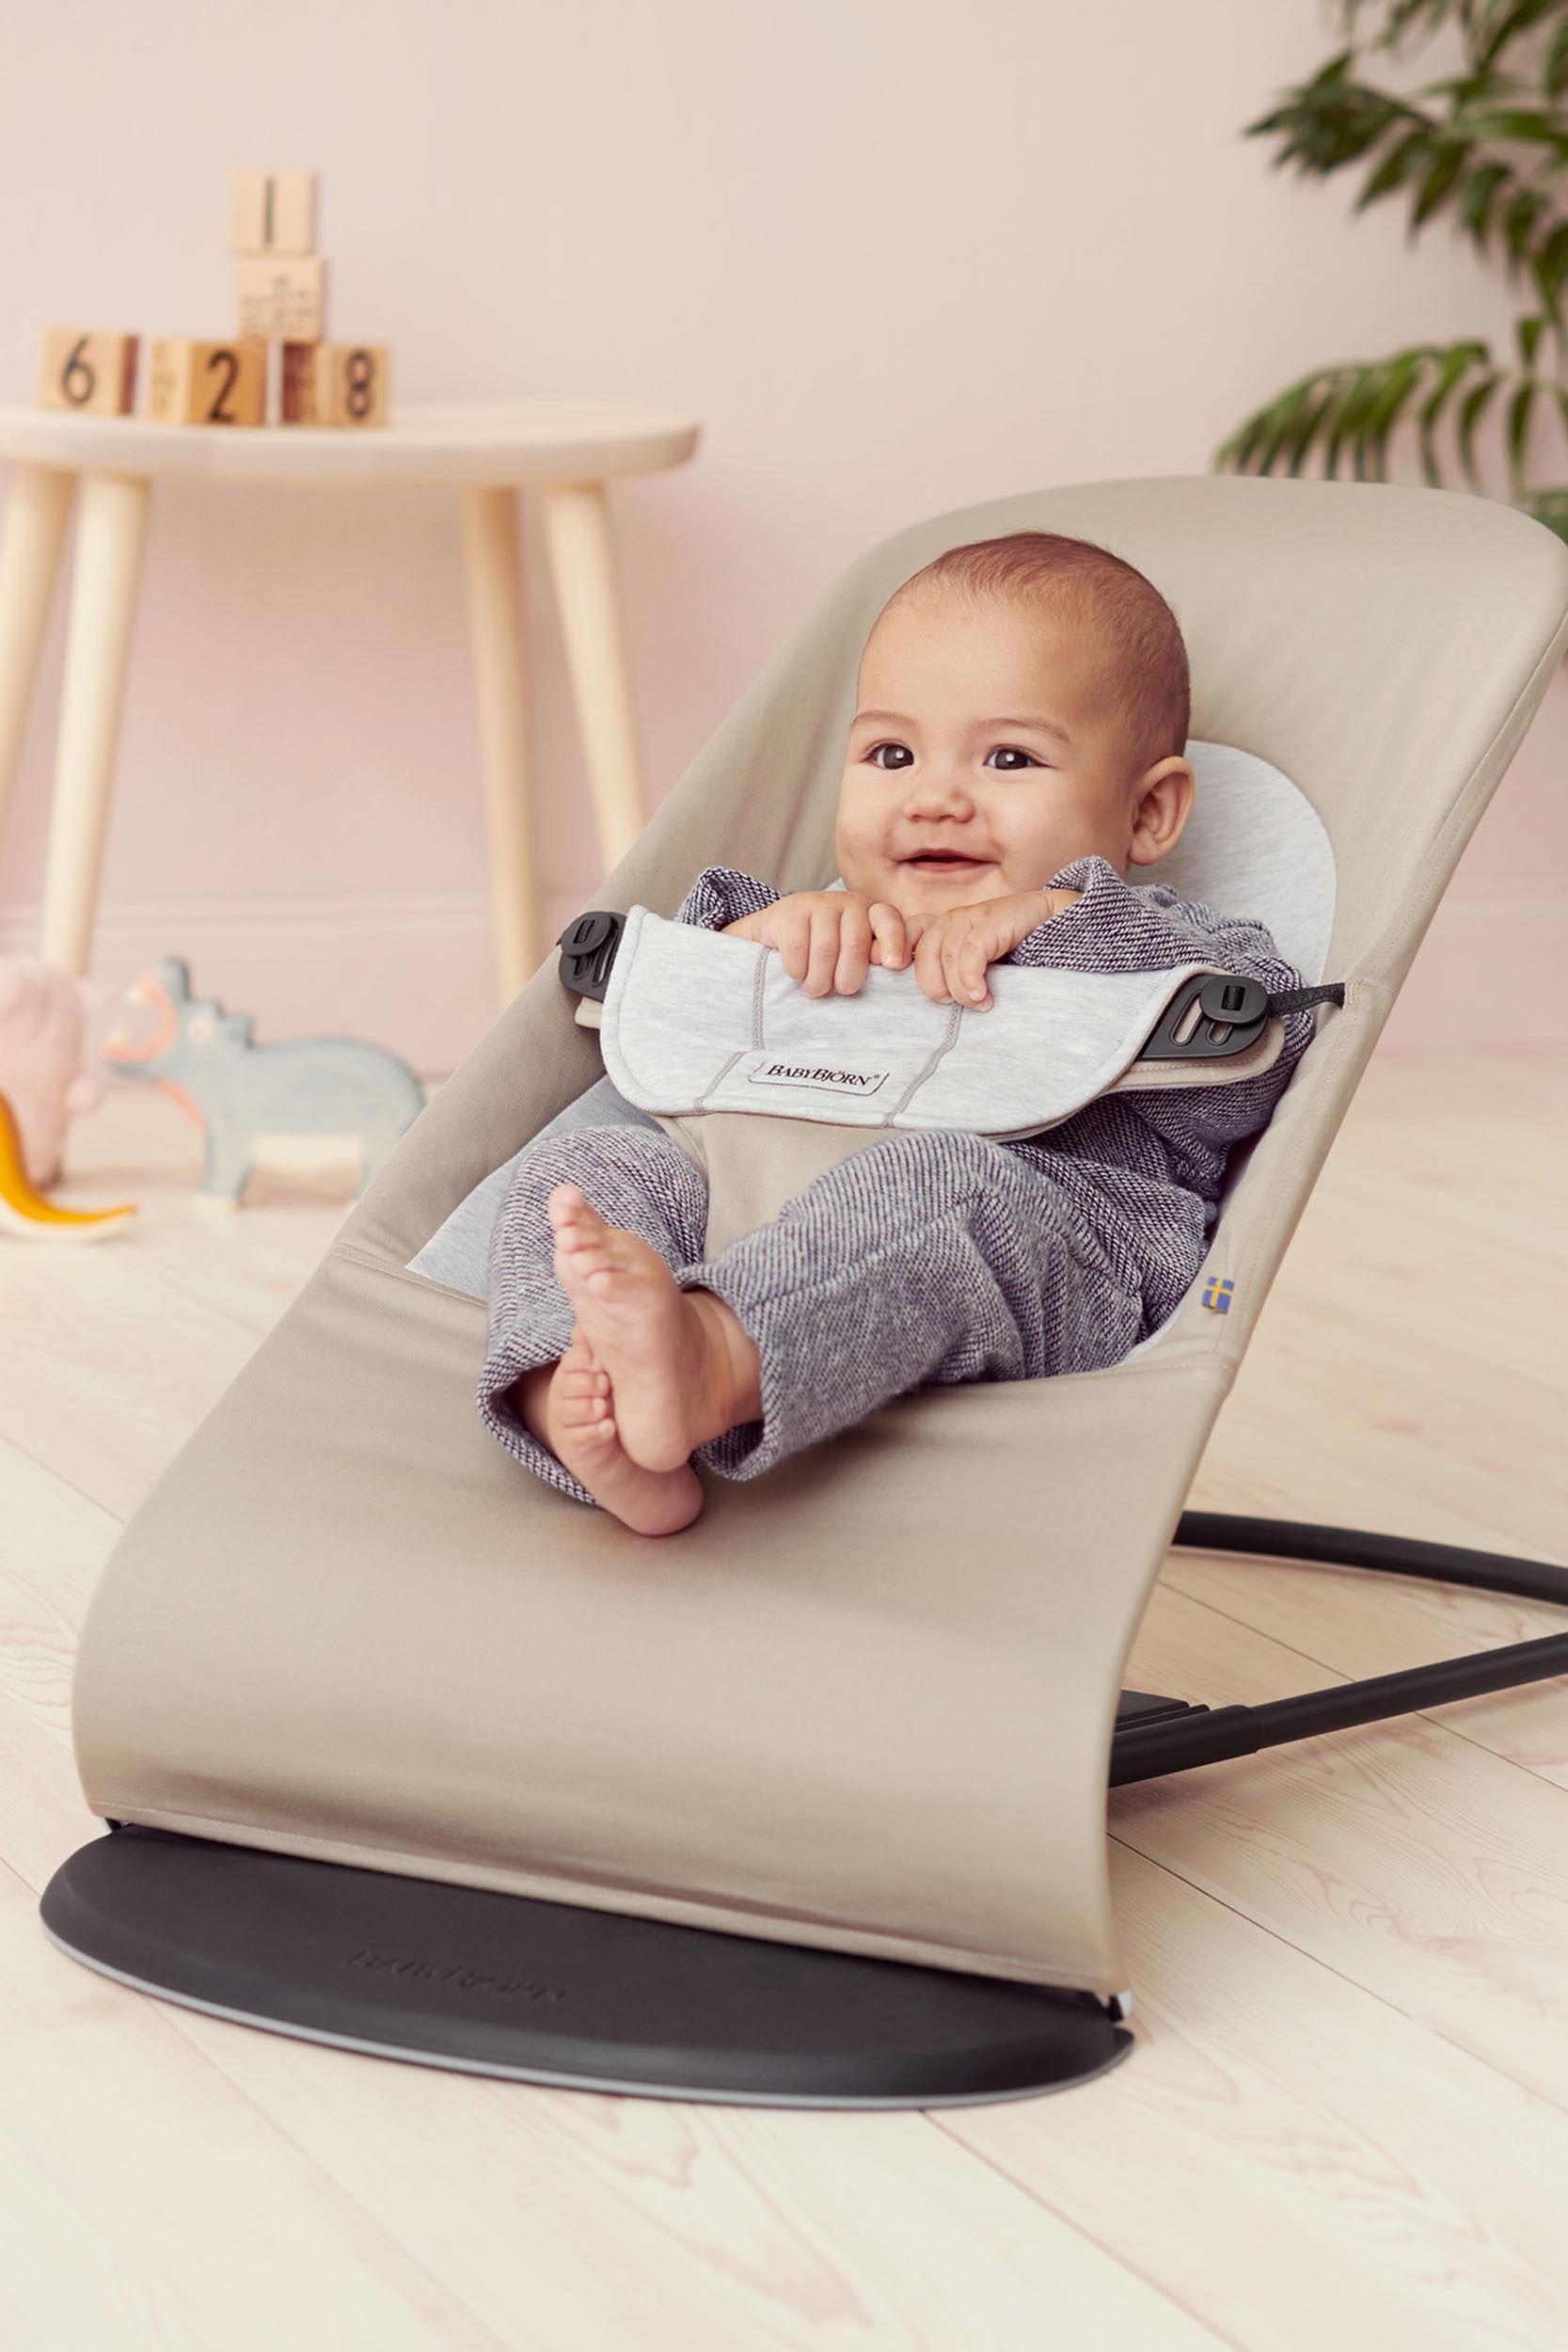 טרמפולינה בייבי ביורן סופט כותנה - מתאימה לשימוש מגיל לידה